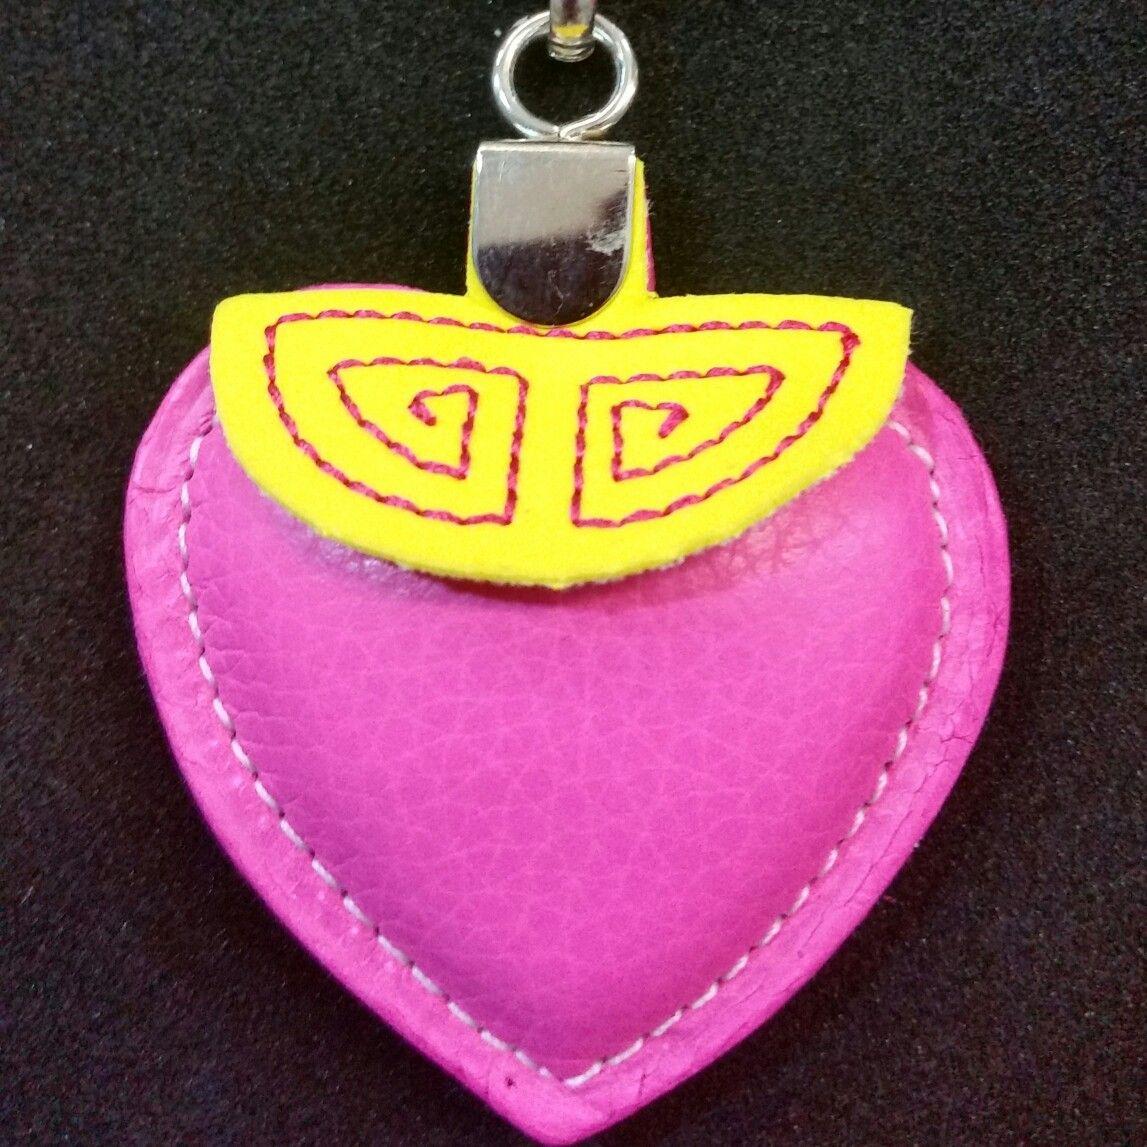 Llavero con forma de corazón con esclavina, en piel. Disponibles en nuestra tienda Mastoro.es